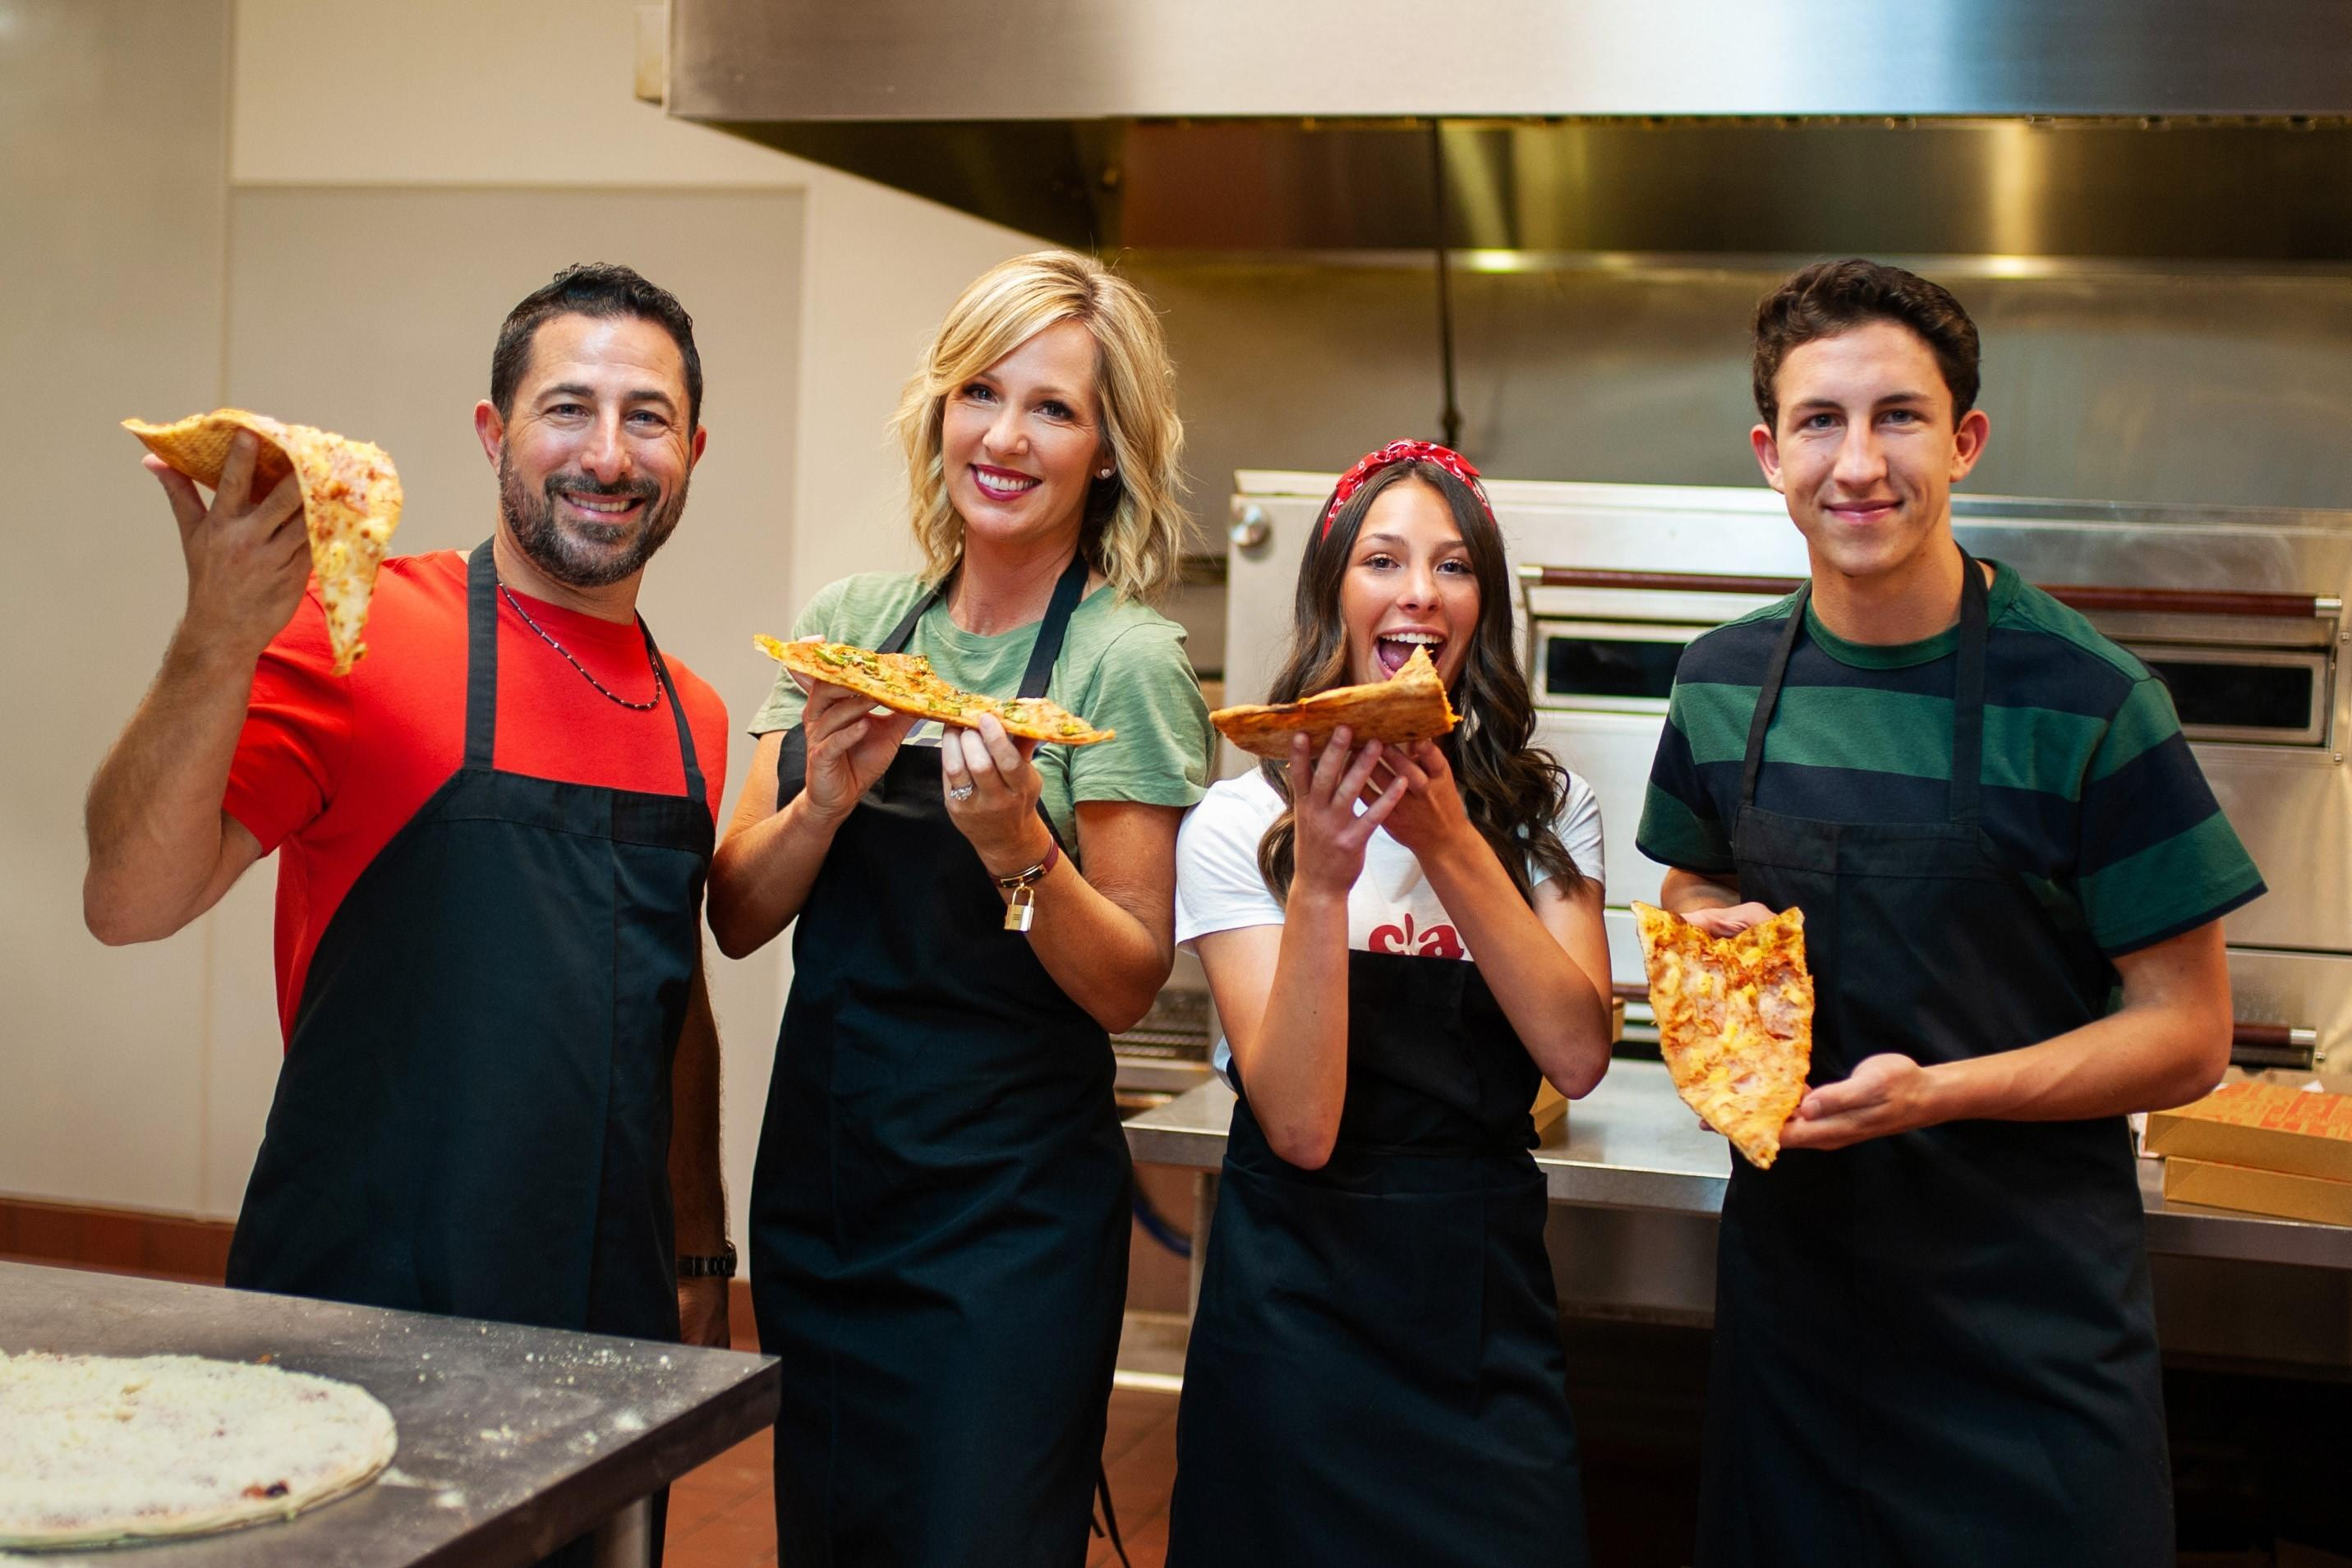 Domenick Montanile Venezia's New York Style Pizzeria ASU Sun Devils